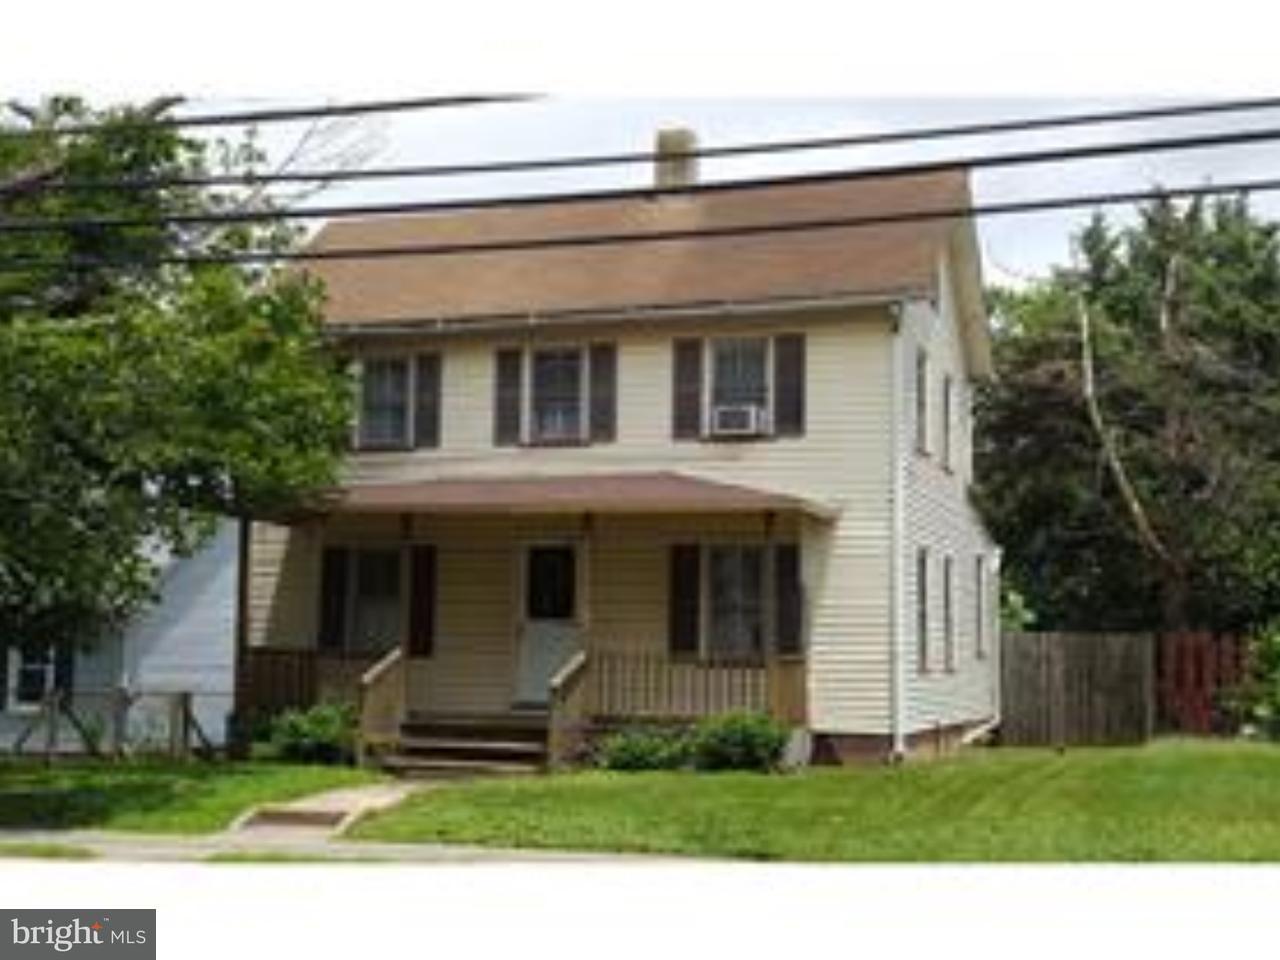 Casa Unifamiliar por un Venta en 927 MAIN Street Shiloh, Nueva Jersey 08353 Estados Unidos